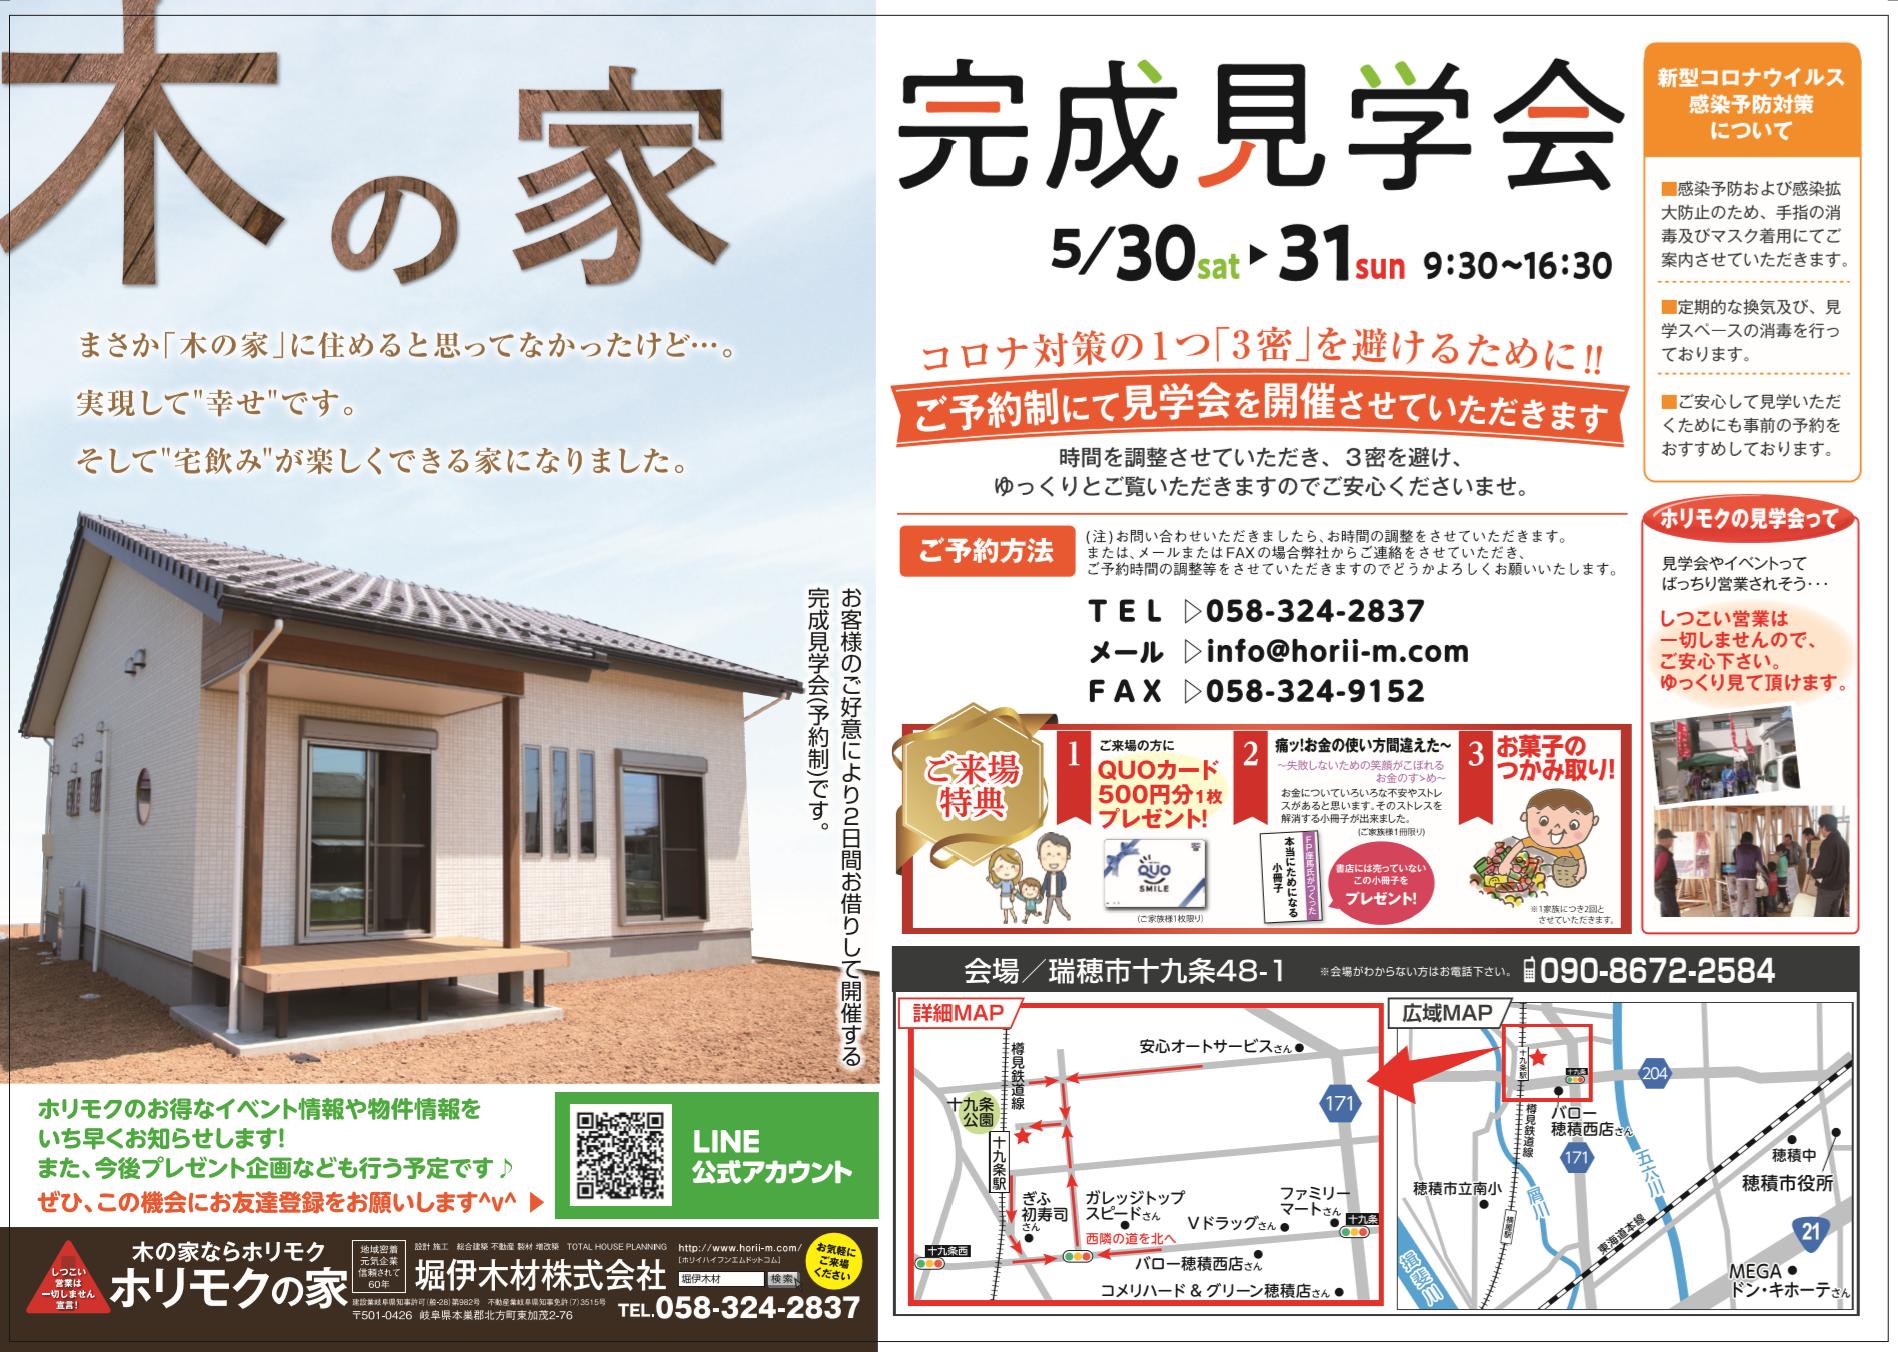 【終了】5/30(土)・5/31(日)N様邸完成見学会開催